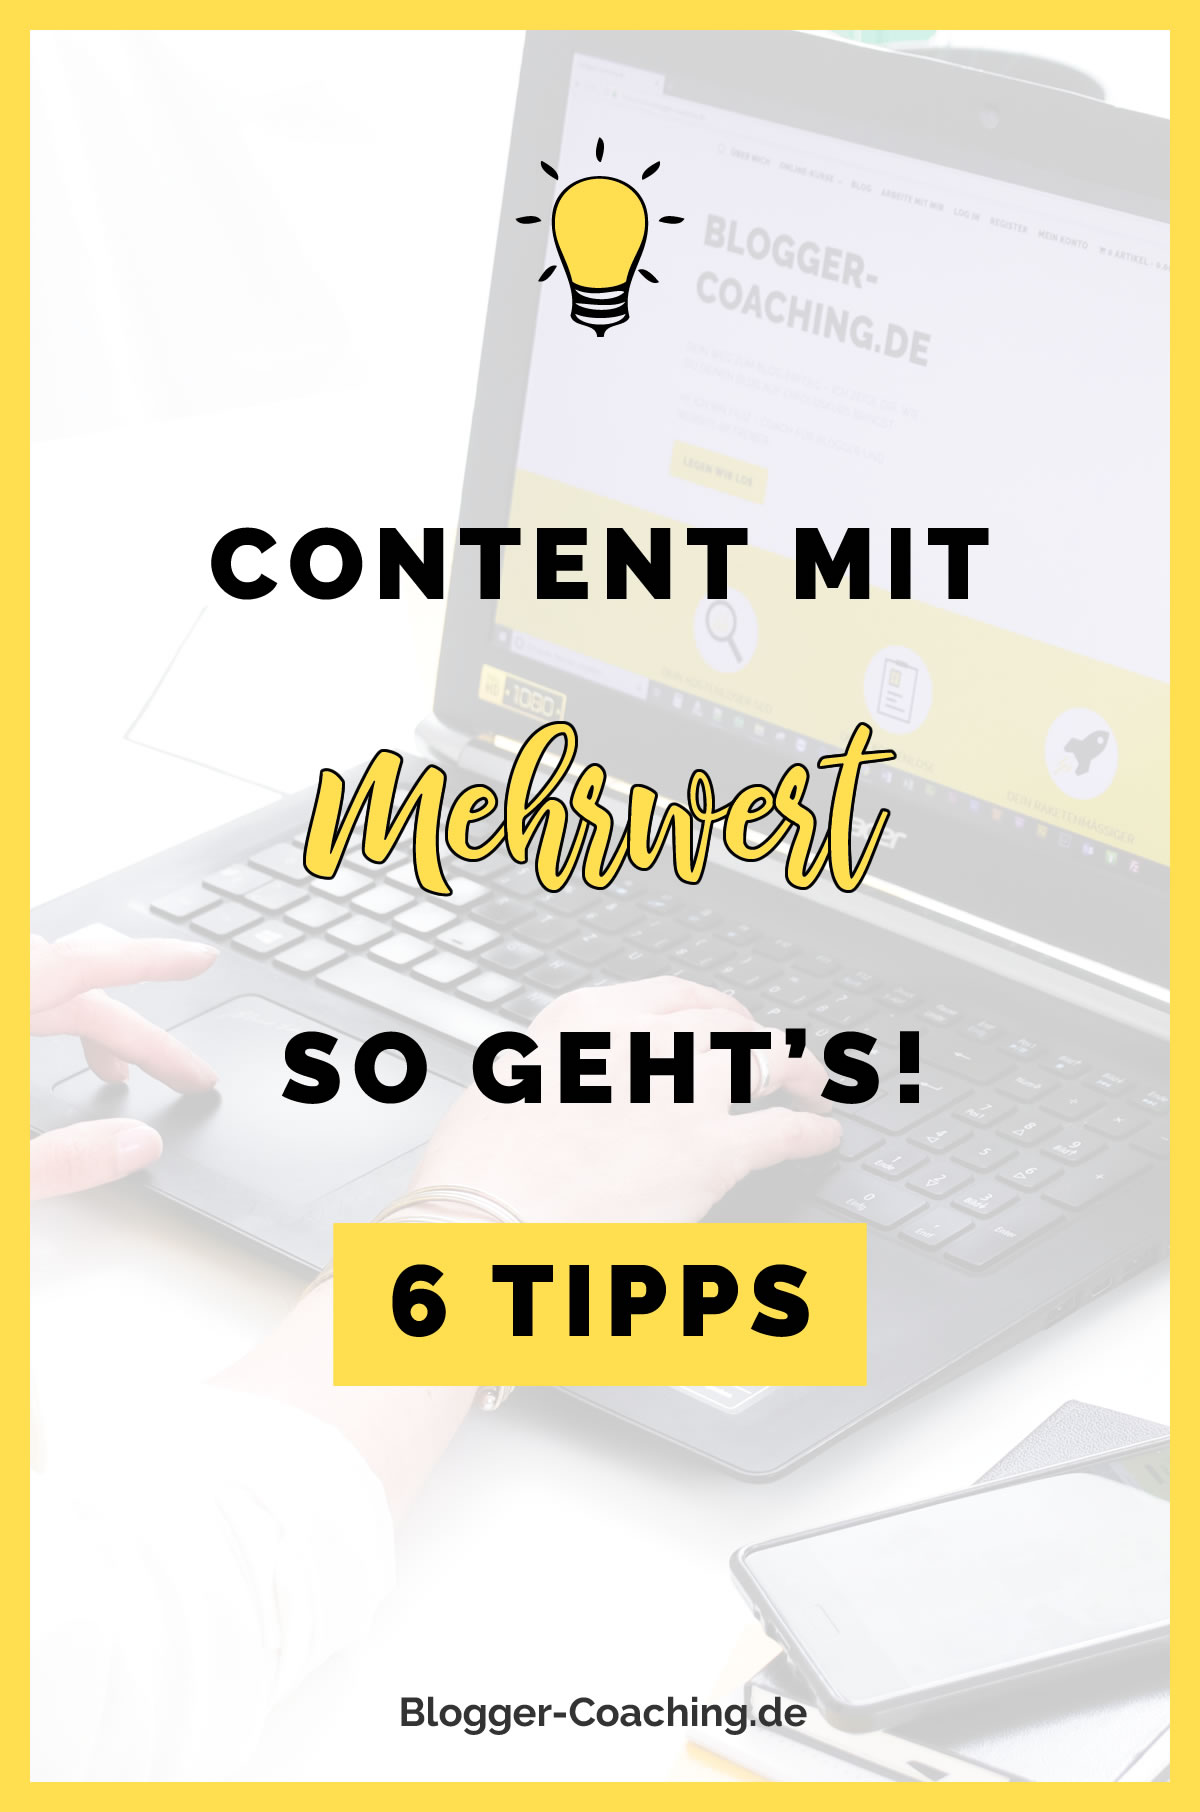 Content mit Mehrwert - Der Schlüssel zum nachhaltigen Blog-Erfolg | Blogger-Coaching.de - Dein Weg zum Blog-Erfolg #blogger #erfolg